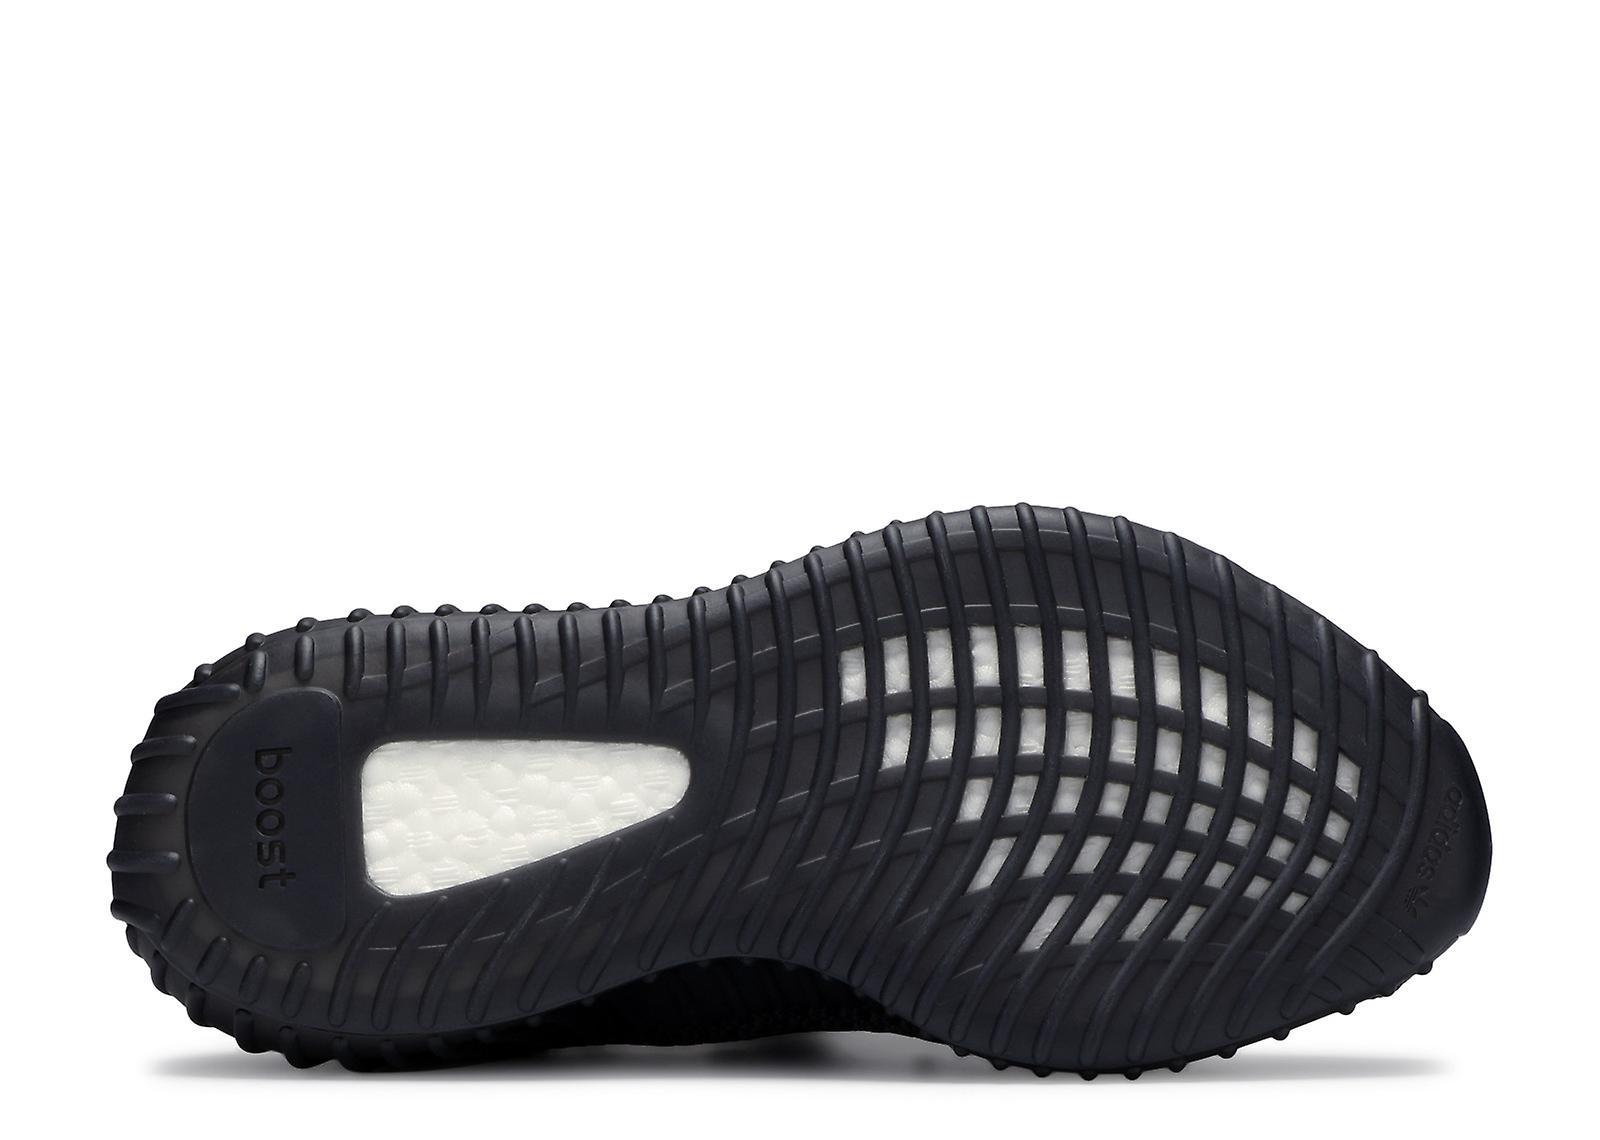 Adidas Yeezy boost 350 v2 Fu9006 sko